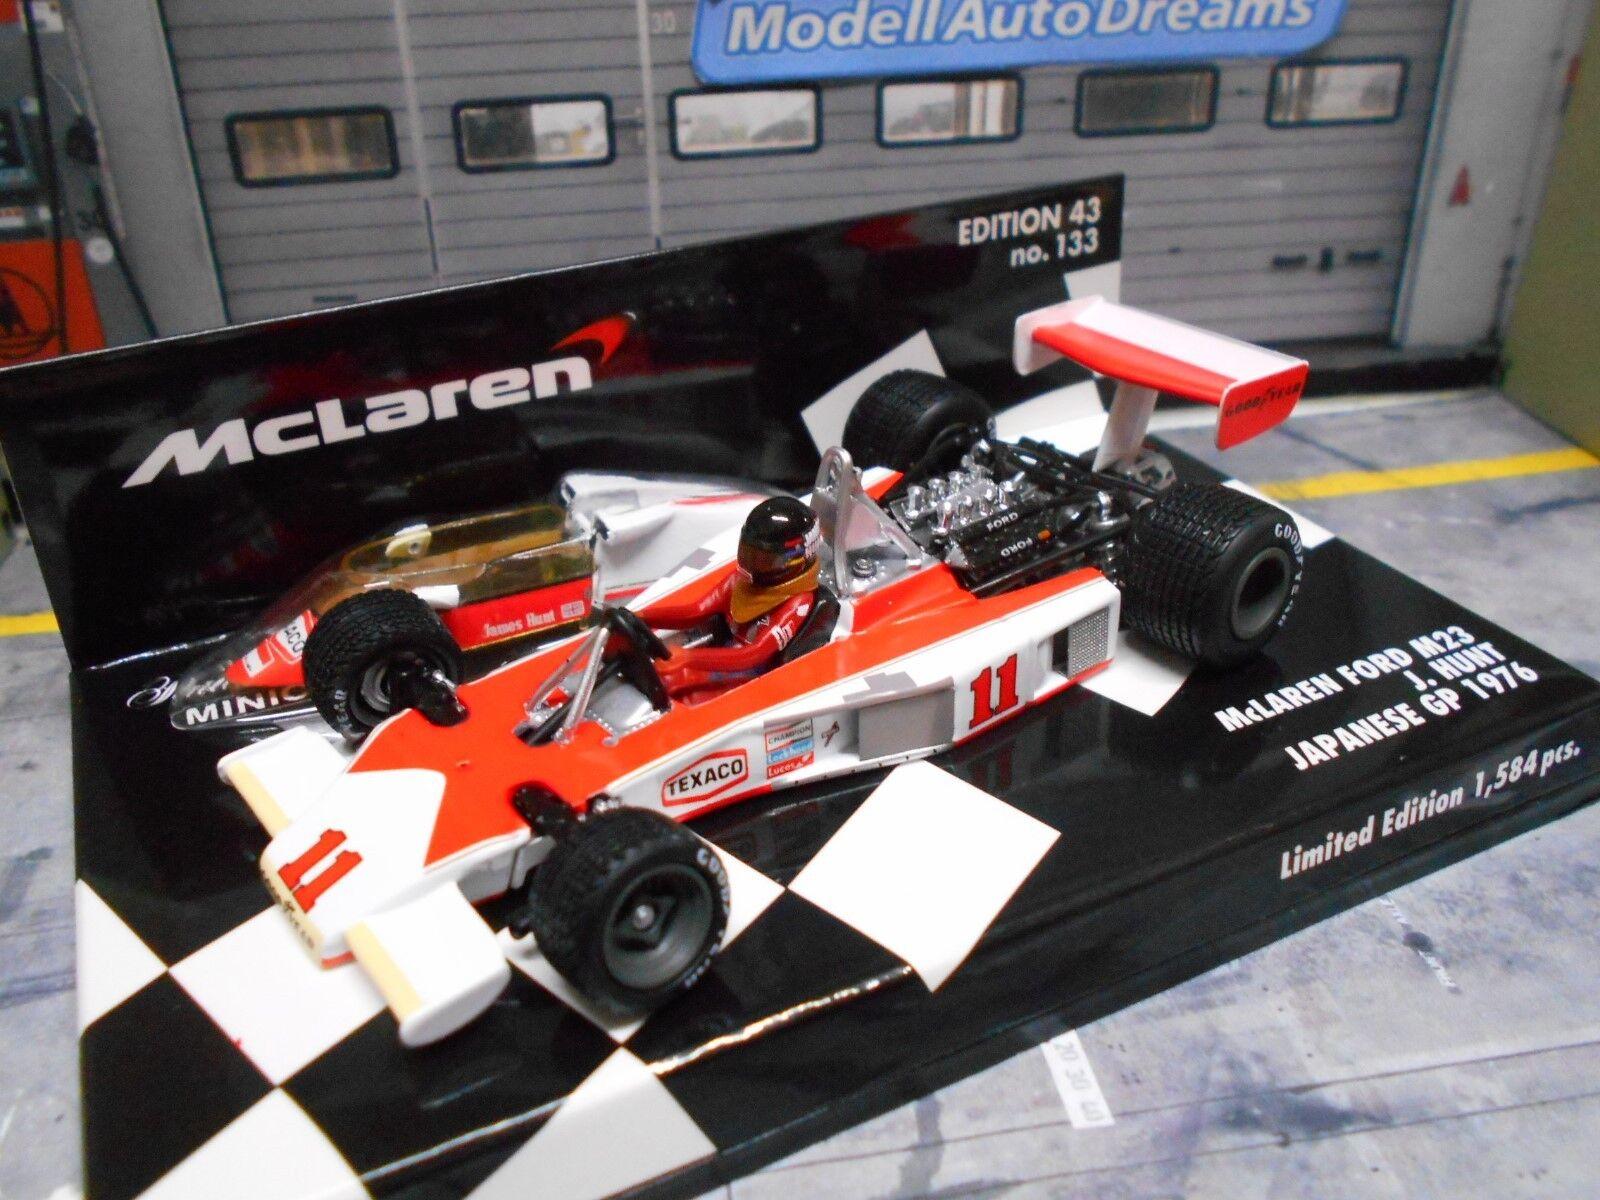 F1 McLaren Ford v8 m23  Cosworth champion du monde Hunt wc 1976  11 Minichamps 1 43  60% de réduction